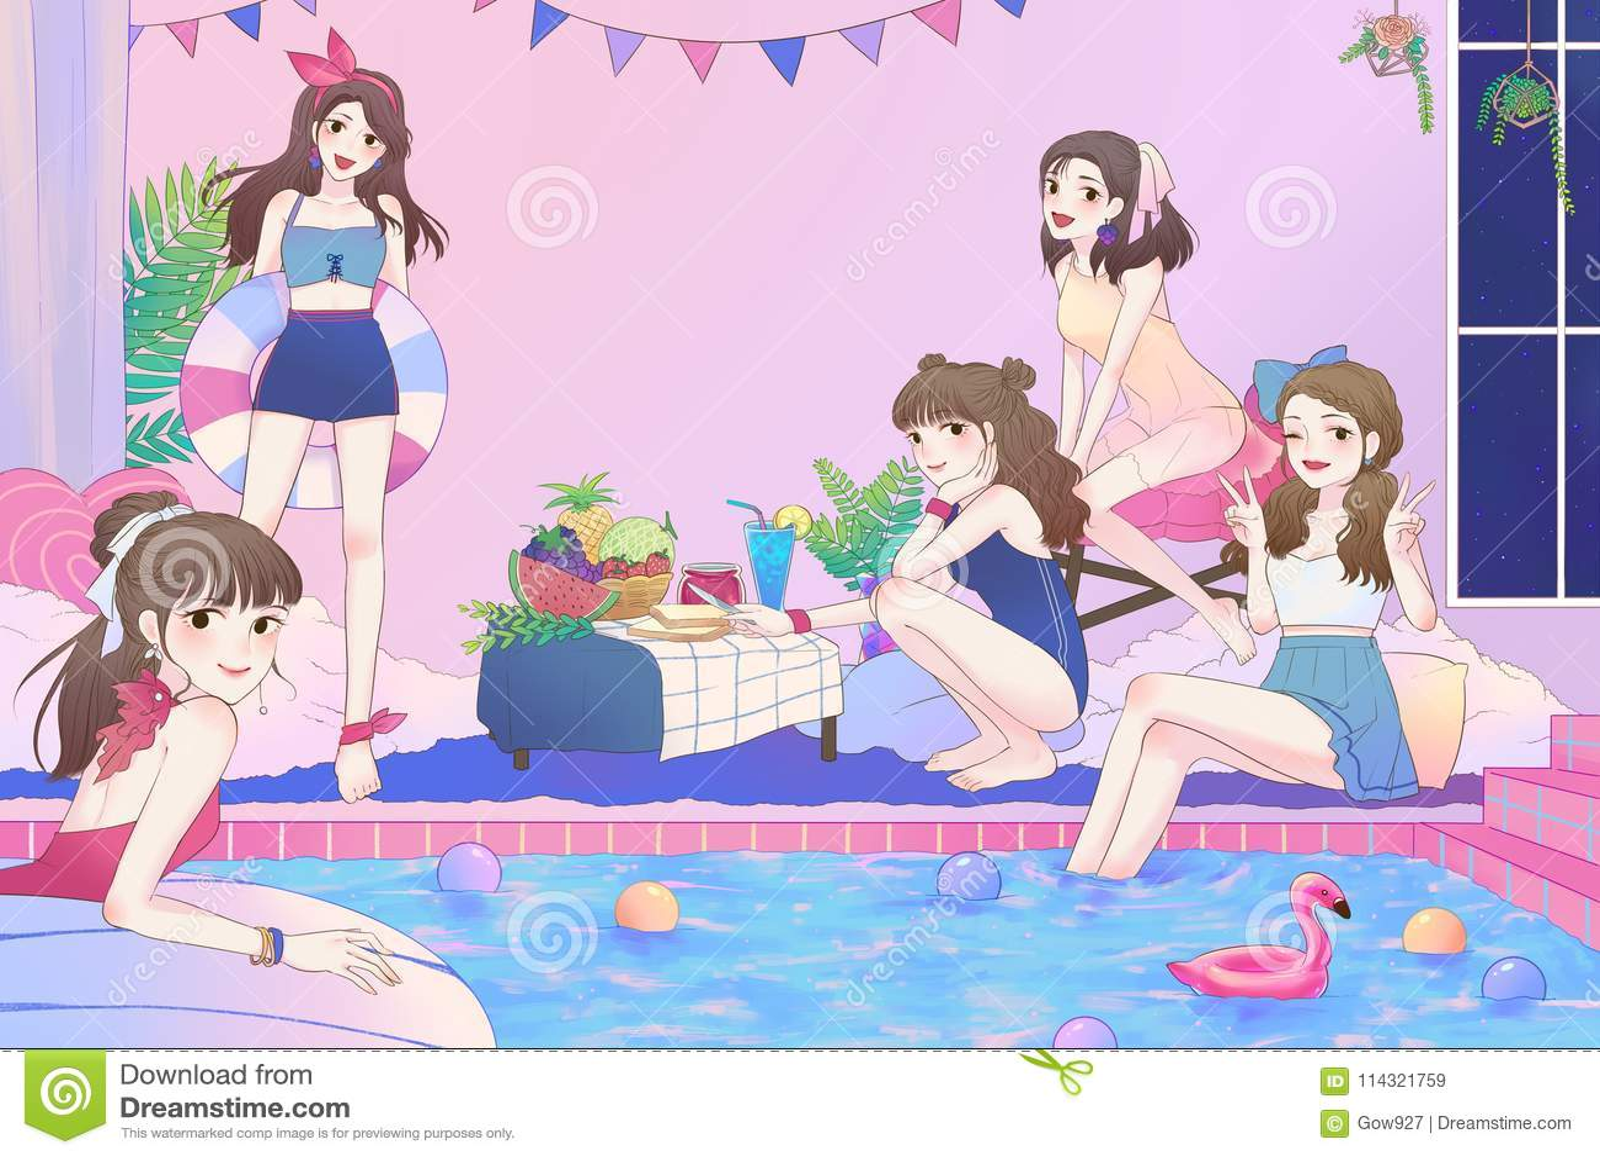 Illustration de bande dessinée de 5 filles de l adolescence asiatiques mignonnes ayant l amusement et de réception au bord de la